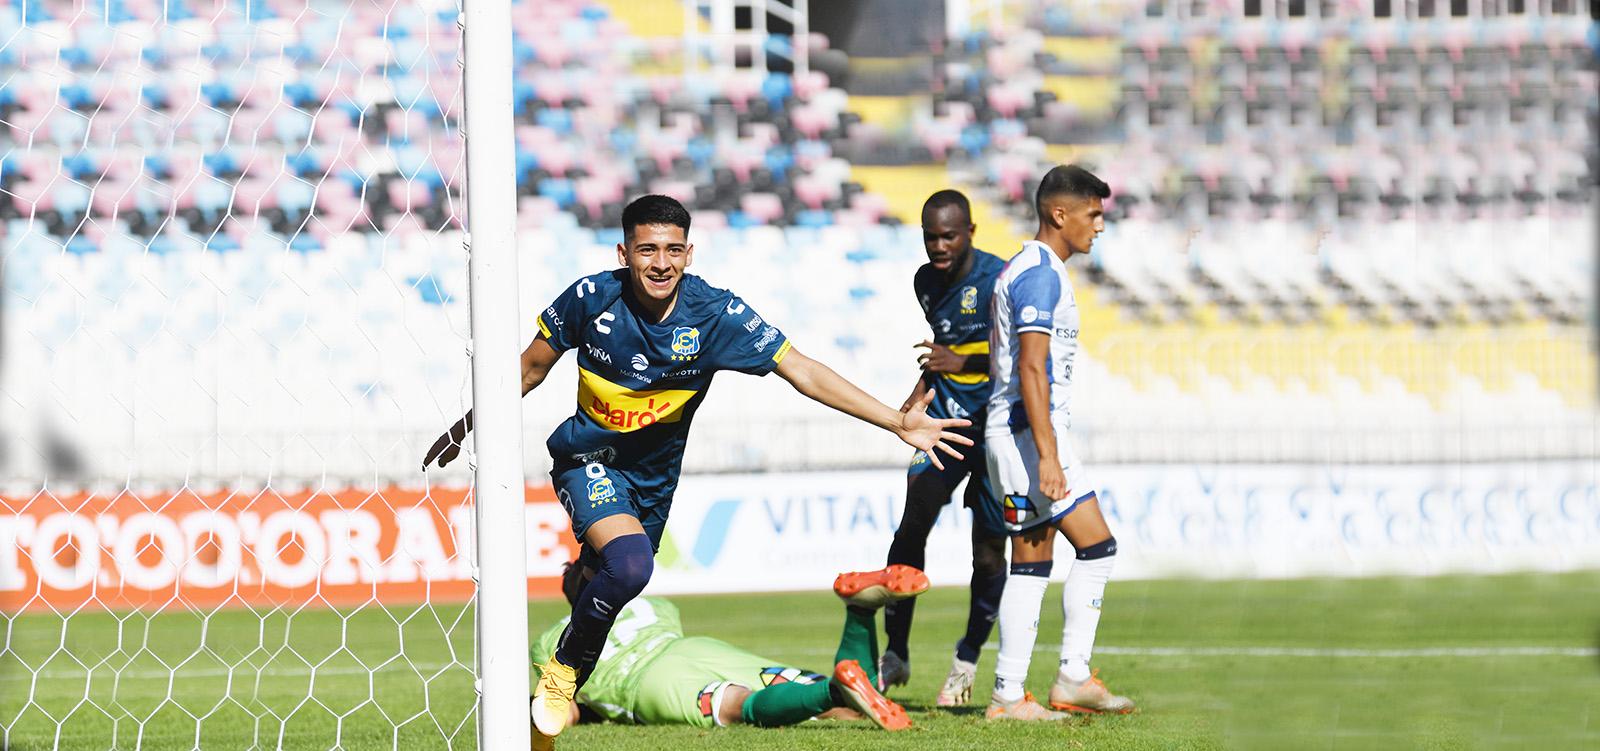 *VIDEO* Los goles y jugadas de la segunda fecha del Torneo Nacional